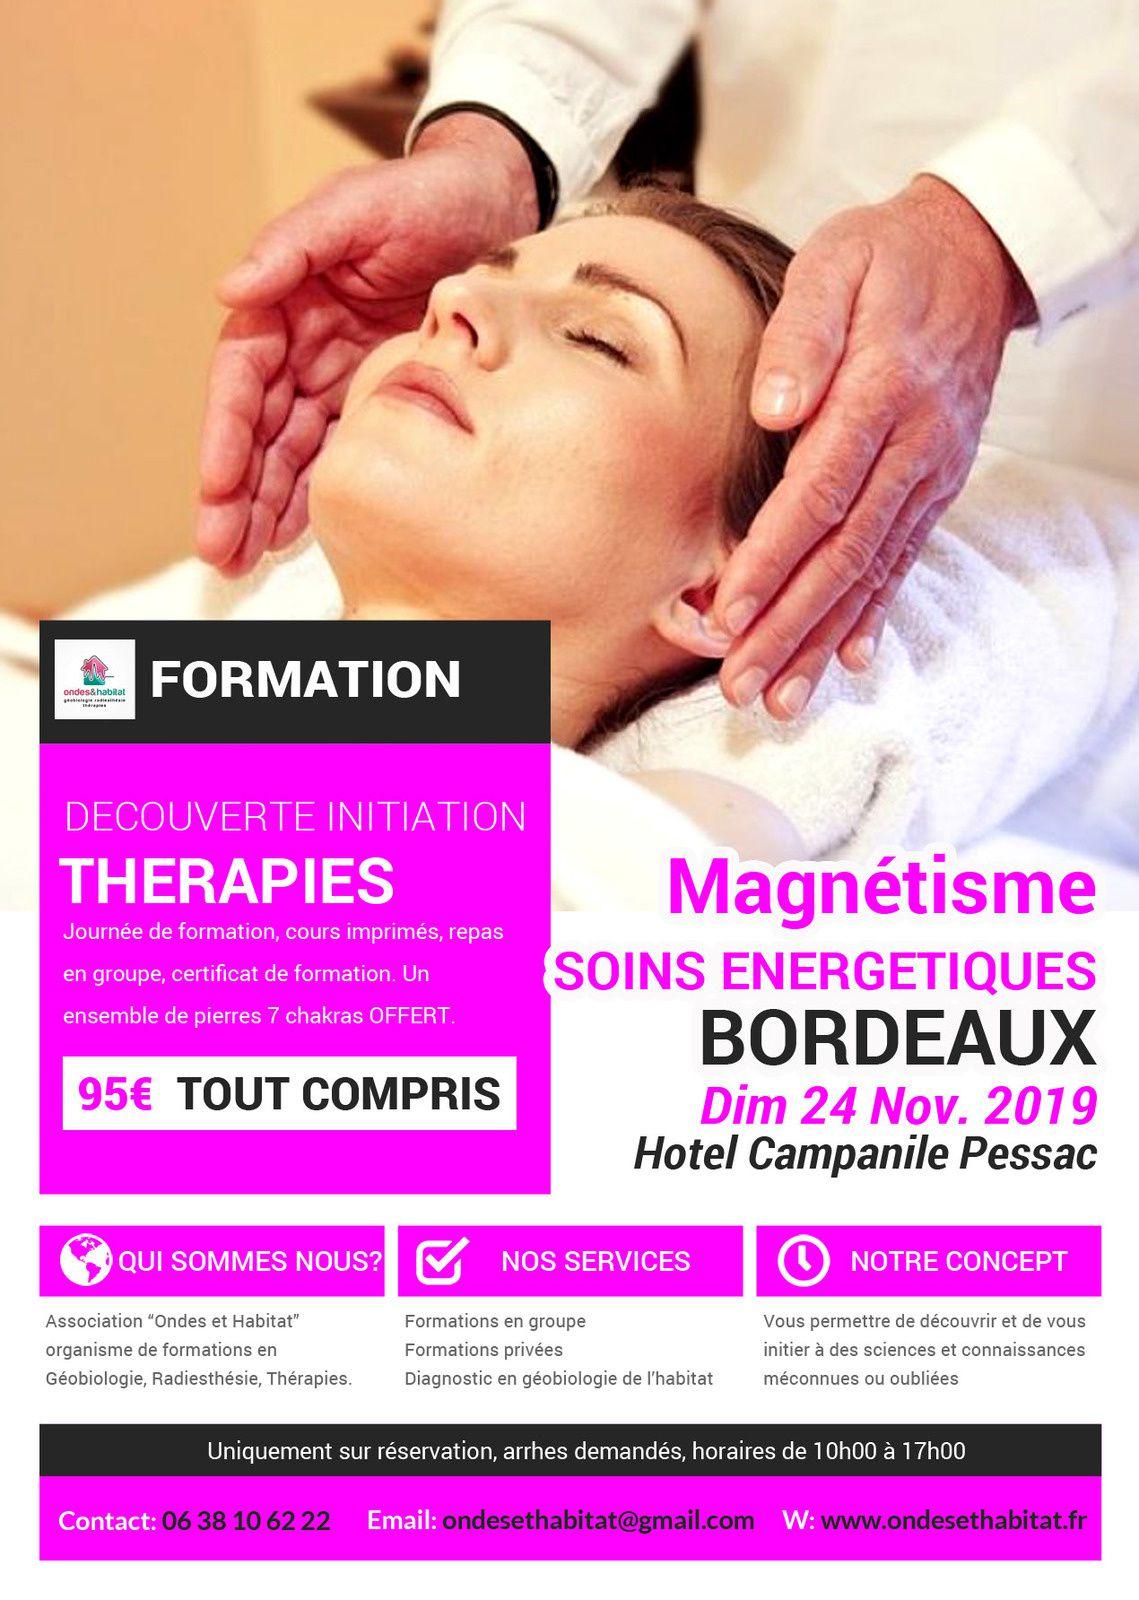 """BORDEAUX Formation Thérapie : """"Magnétisme et soins énergétiques"""" 24 11 2019"""